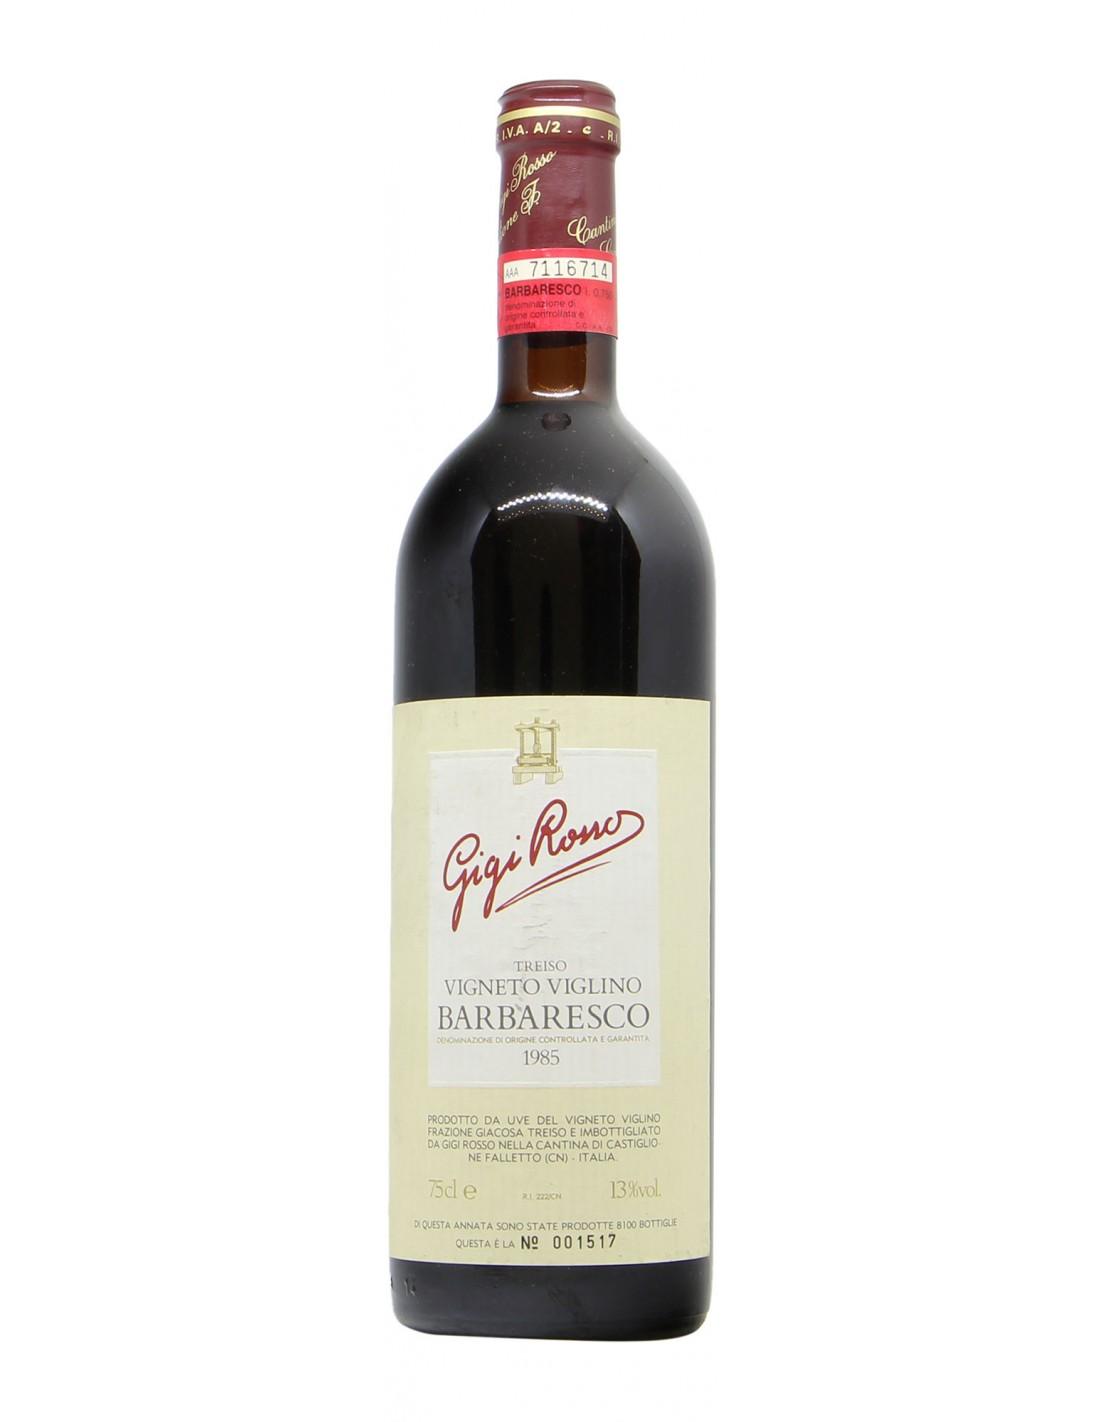 BARBARESCO VIGNETO VIGLINO 1985 CANTINA GIGI ROSSO Grandi Bottiglie